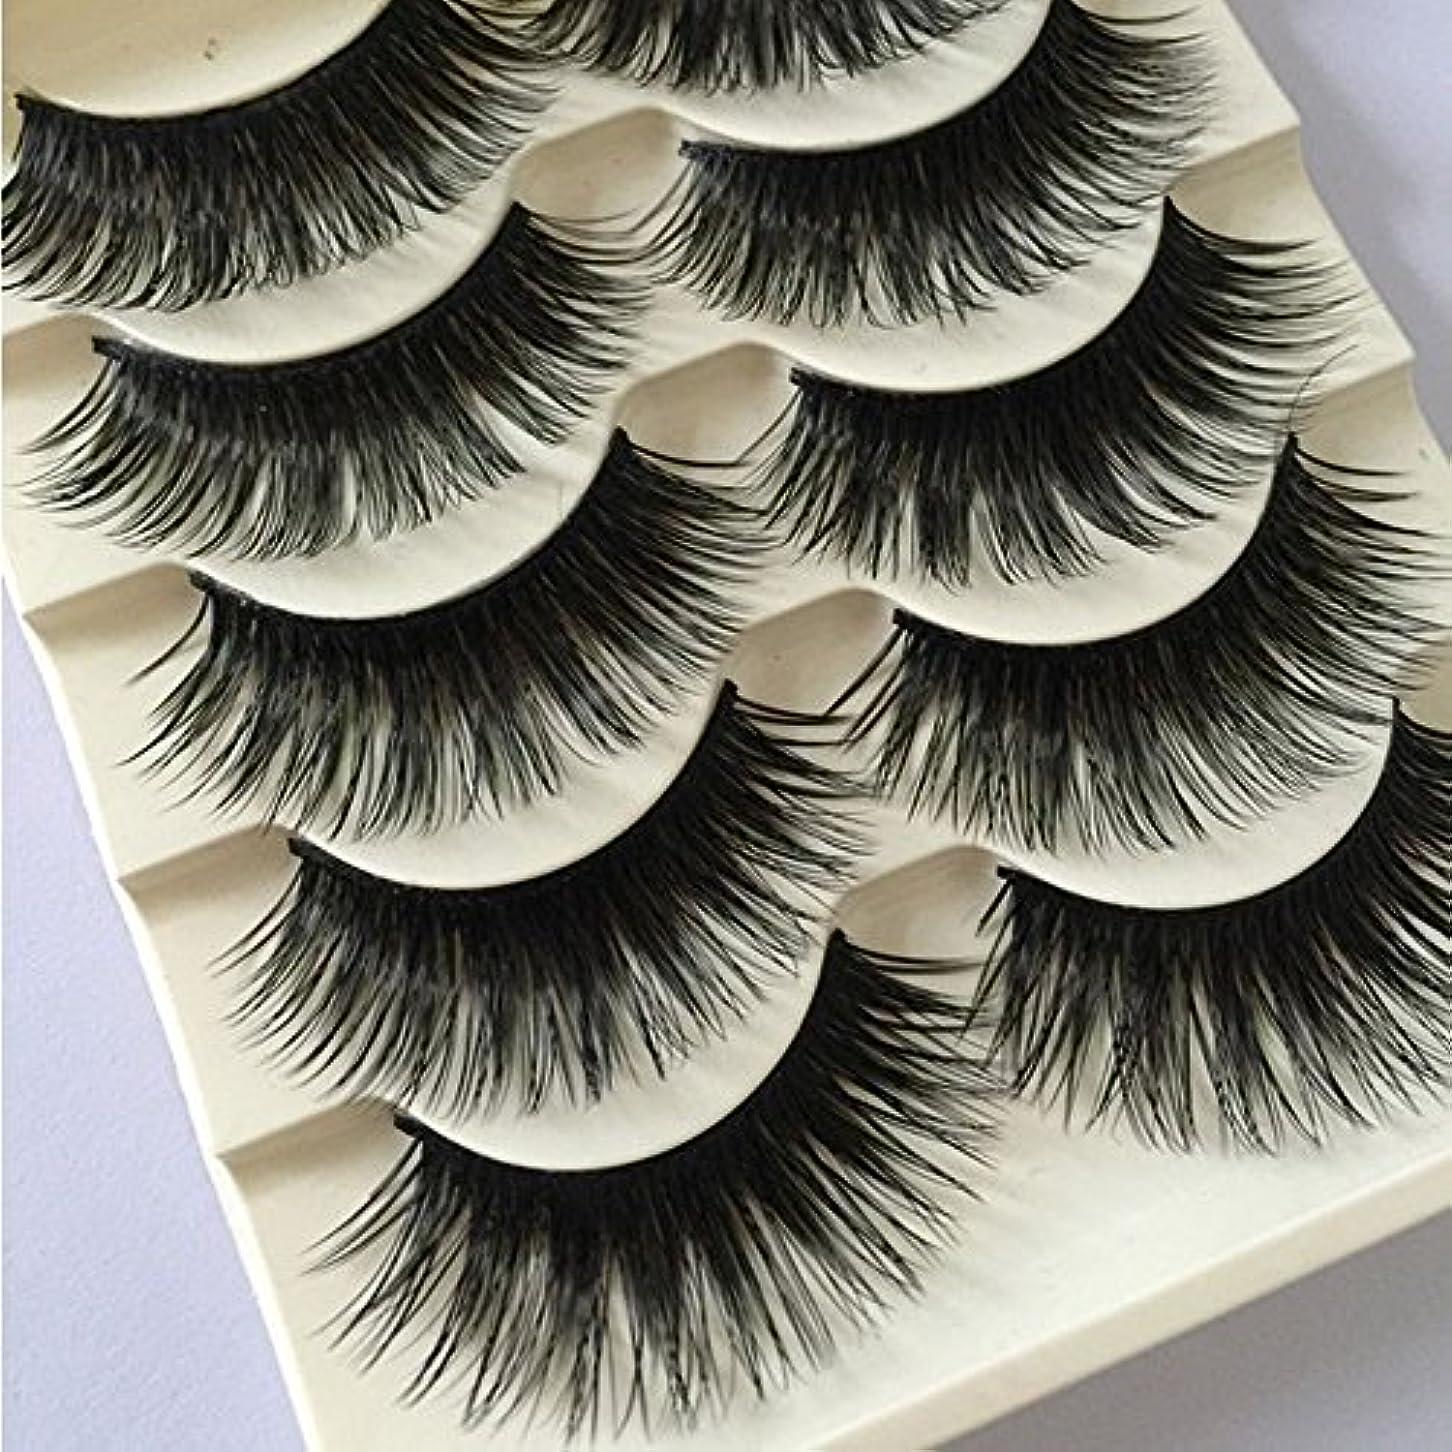 テナントビン強打5 Pairs Women Fashion Natural Long Fake Eye Lashes Handmade Thick False Eyelashes Black Makeup Tool New